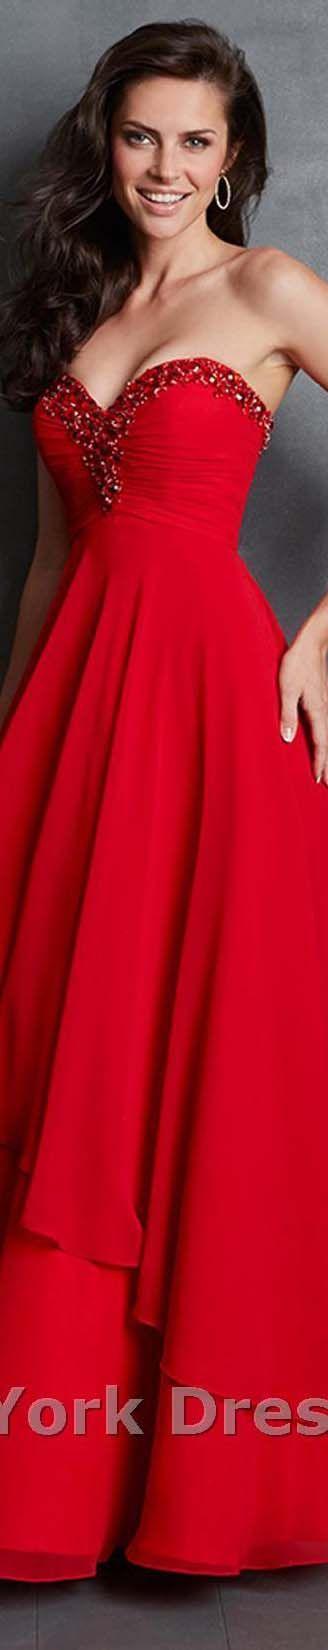 Allure Evening design strapless elegant large red dress. V